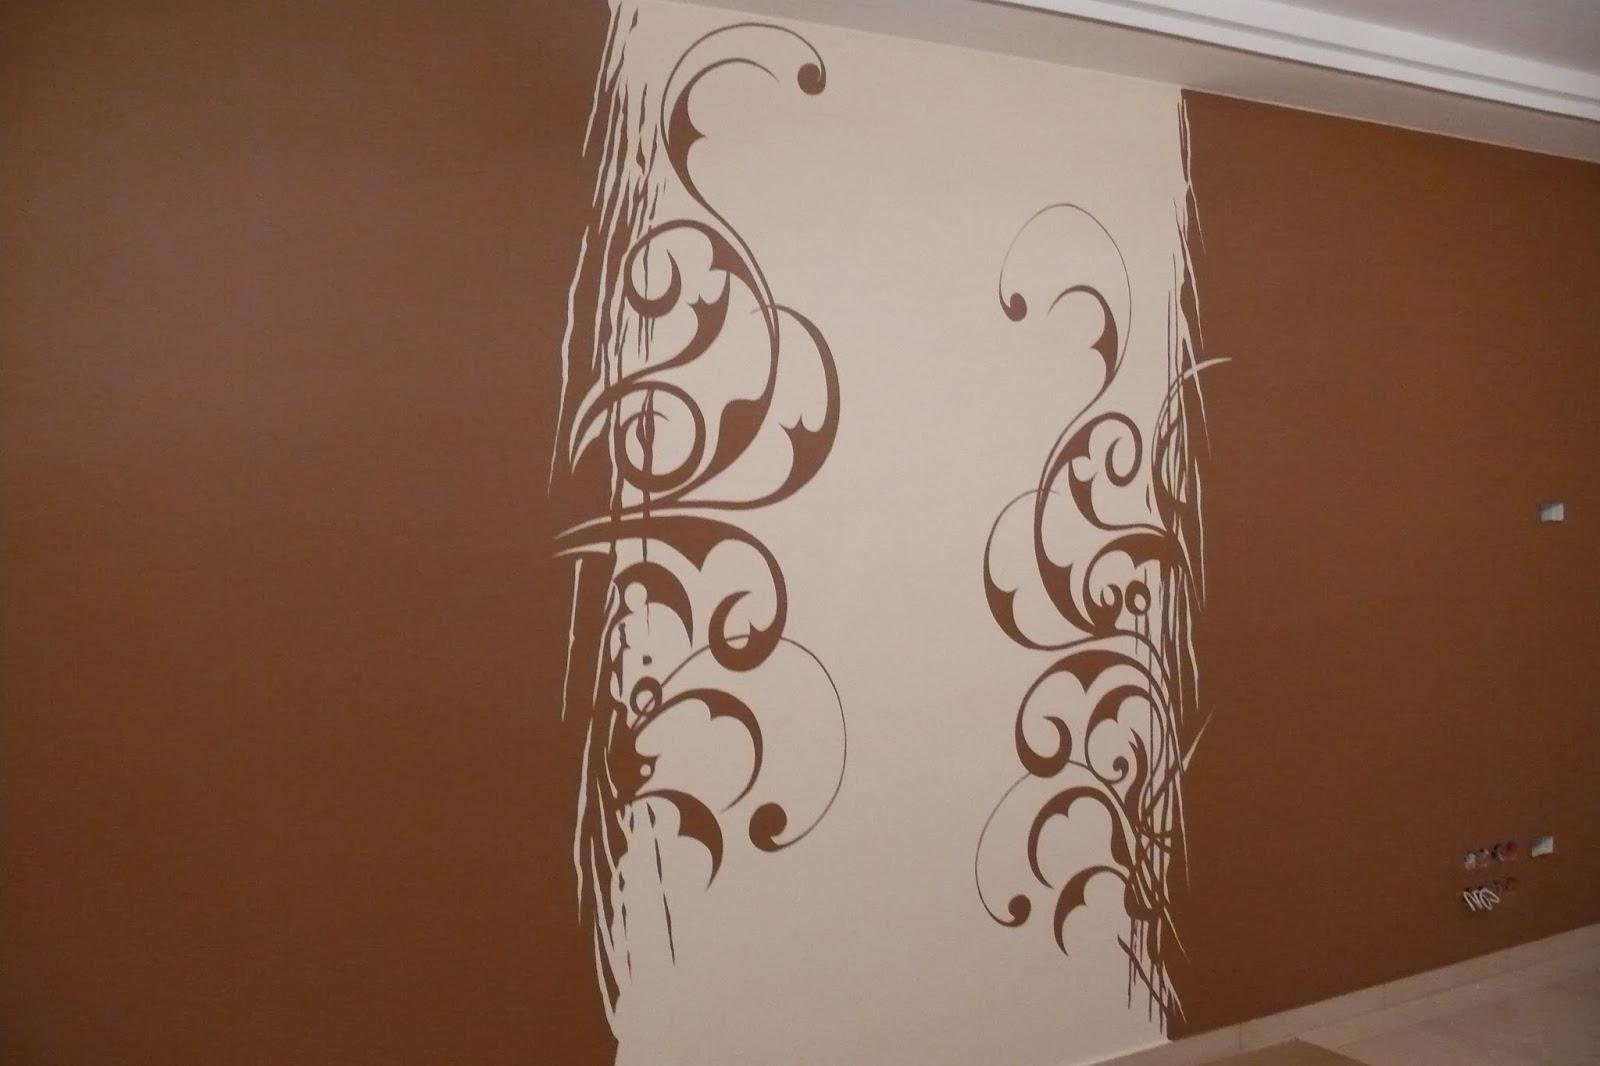 Artystyczne malowanie ściany, grafik ścienna w salonie, abstrakcyjny obraz